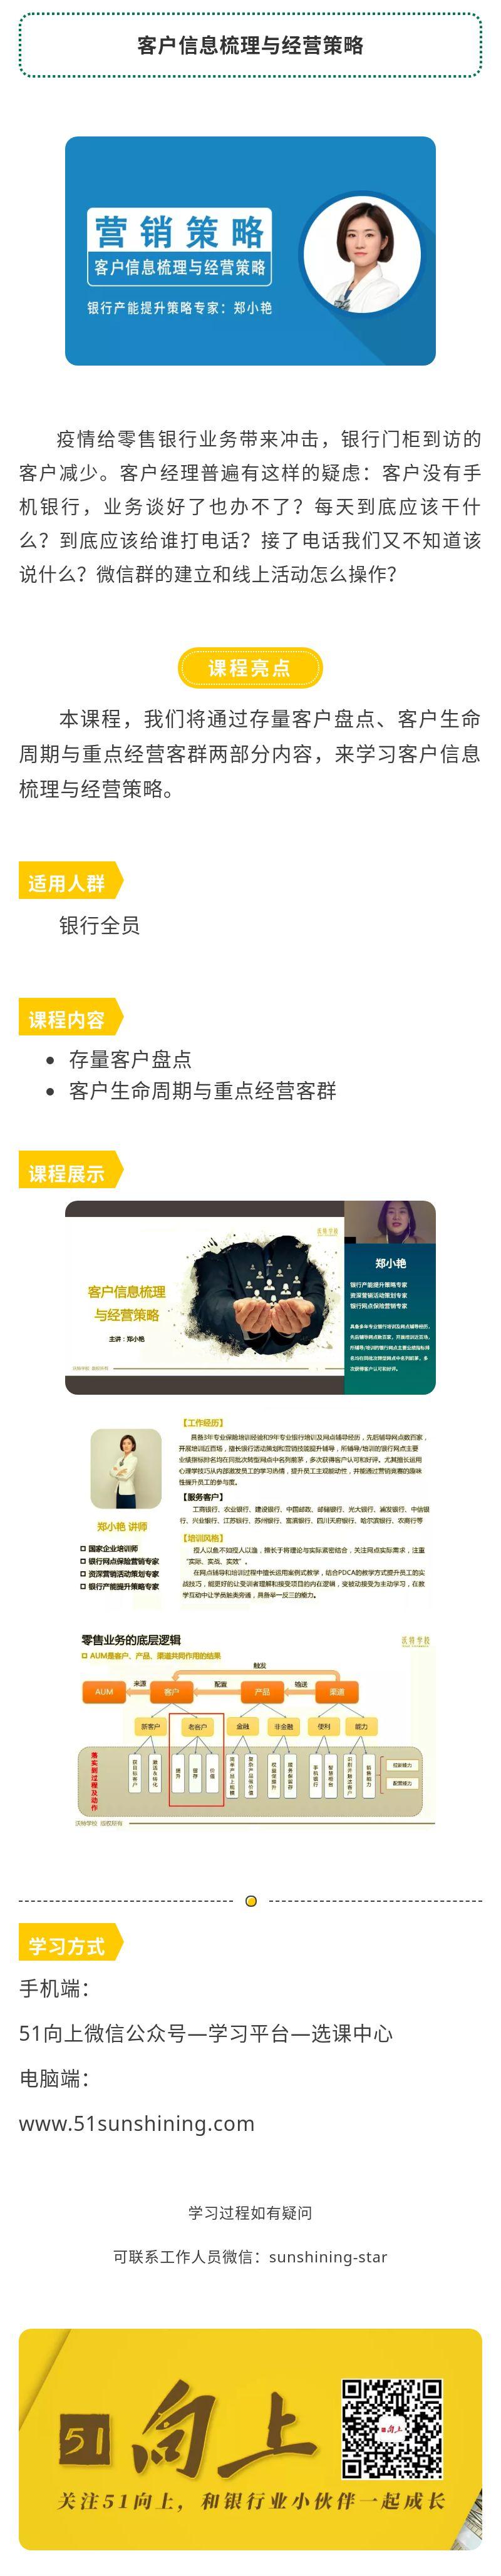 课程简介-客户信息梳理与经营策略